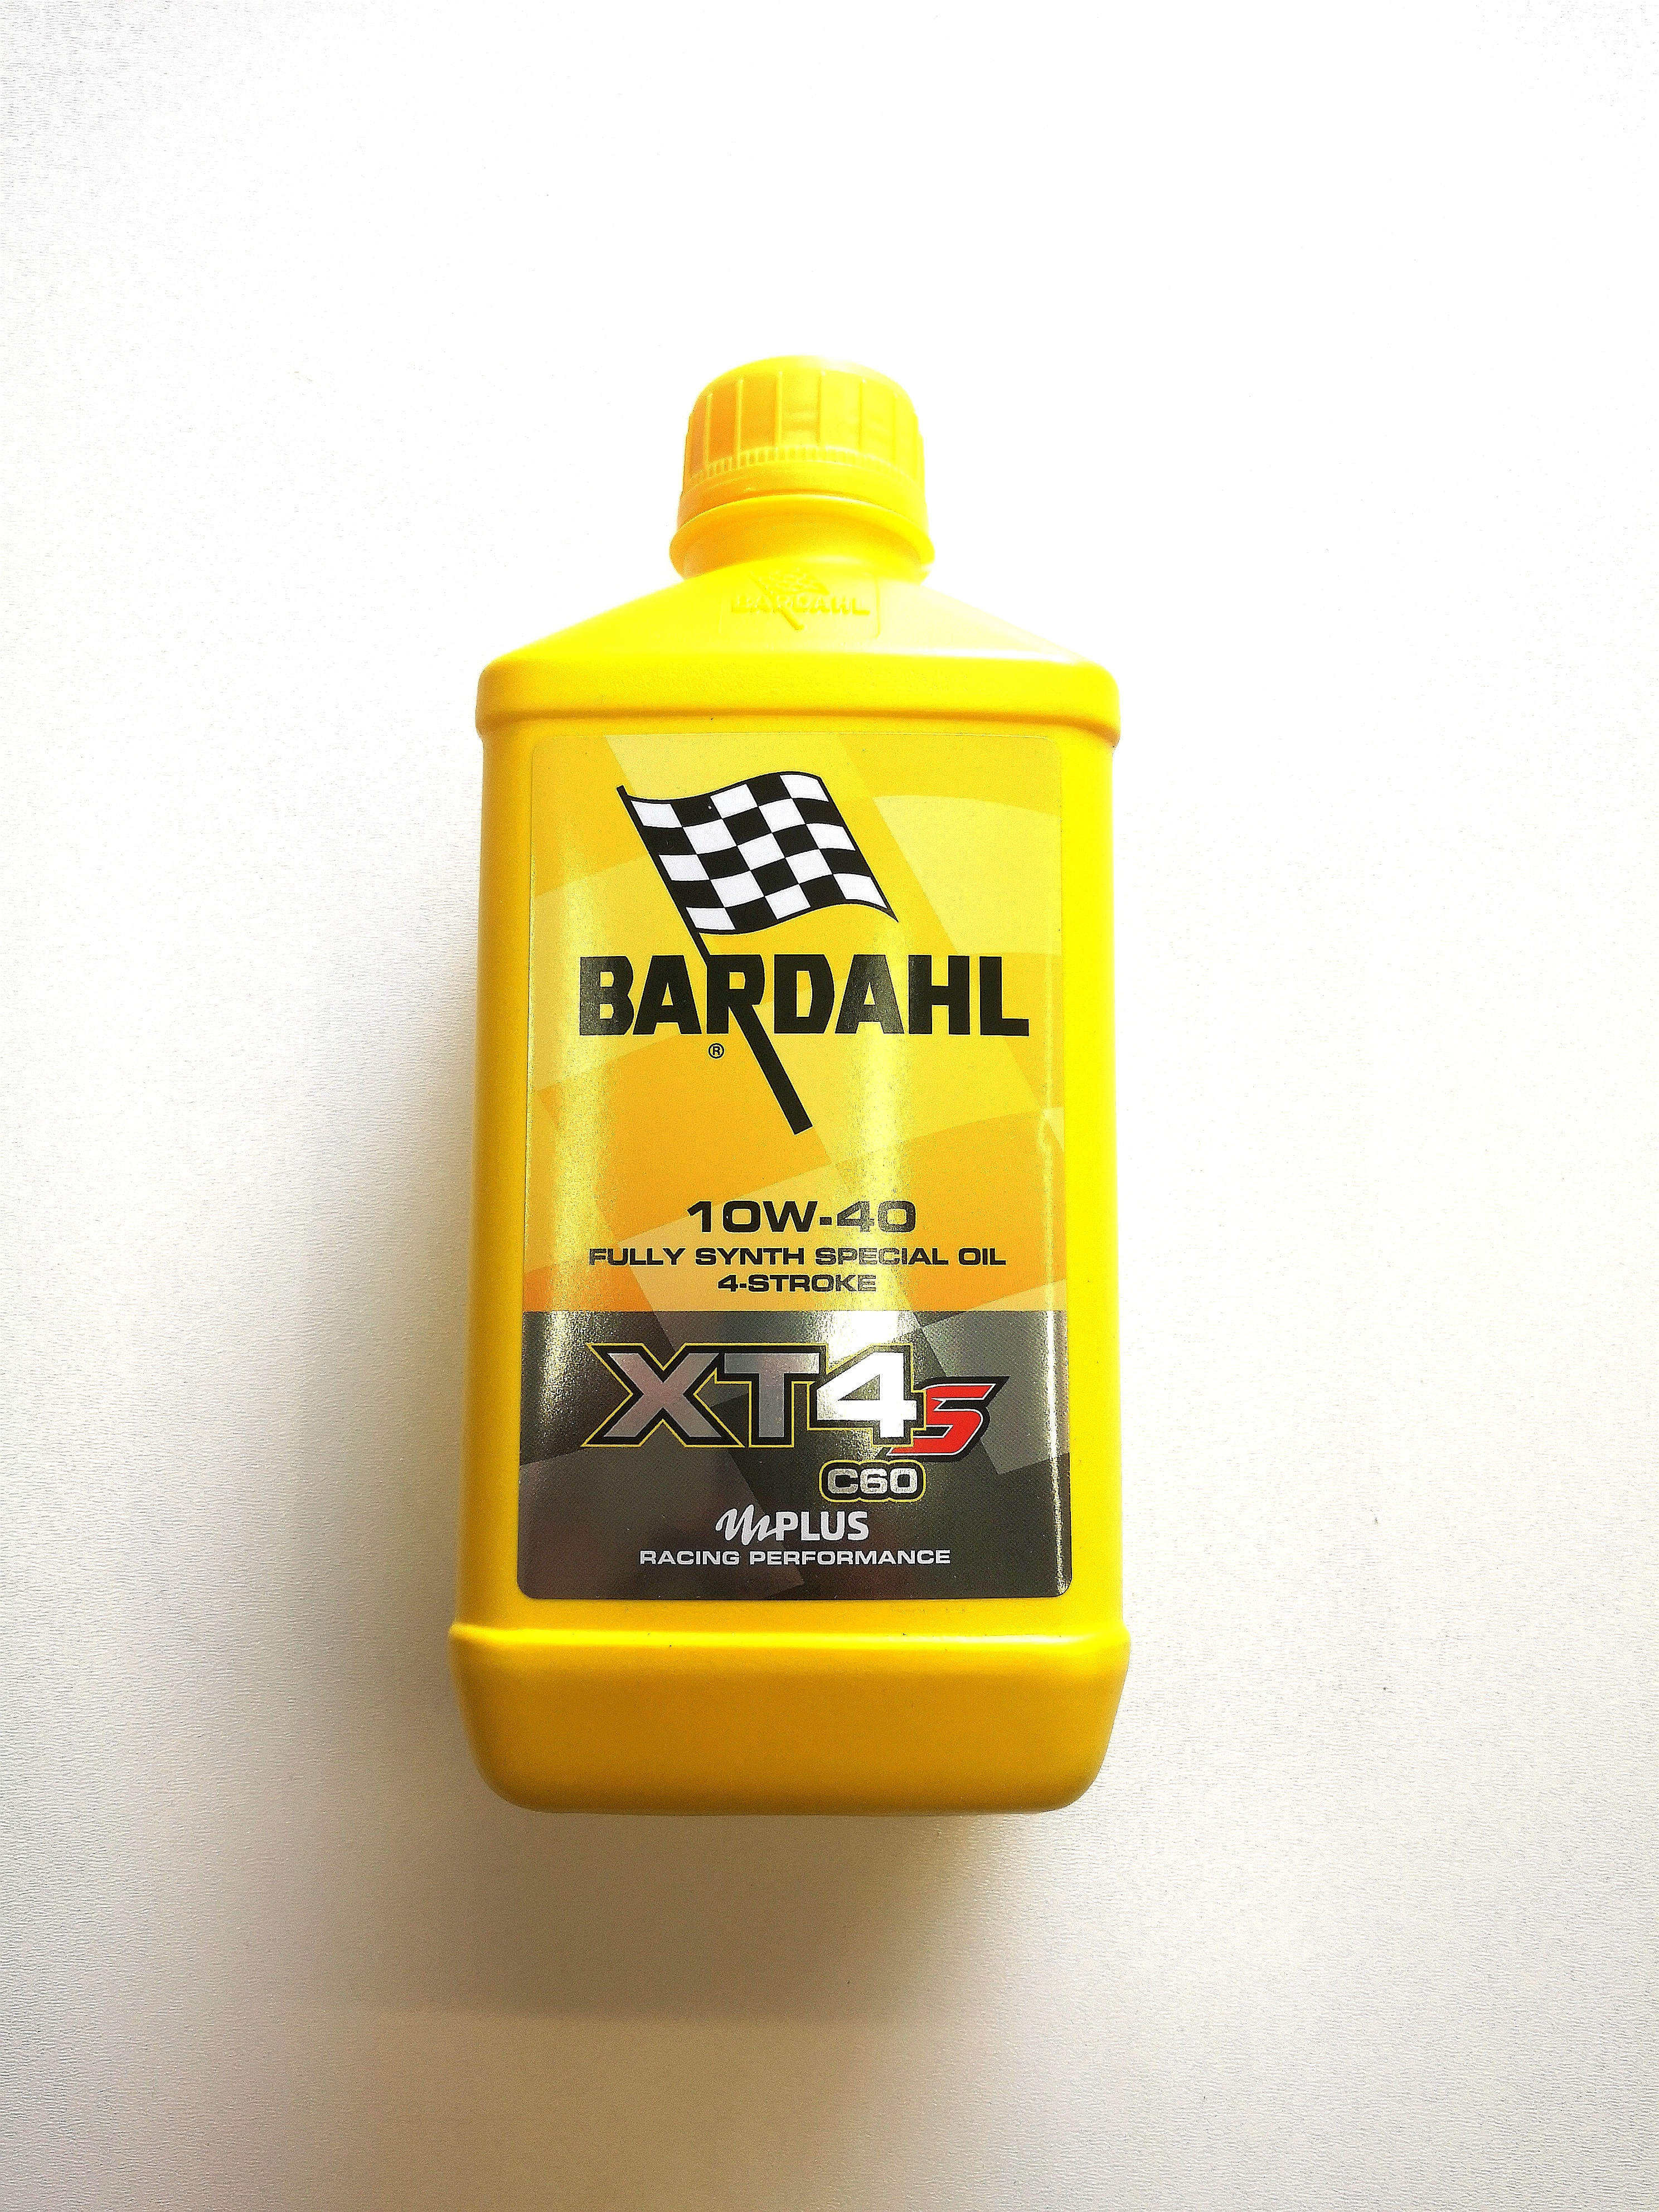 OLIO MOTORE BARDAHL XT-S C60 per MOTO e SCOOTER 4 TEMPI - 100% SINTETICO SAE 10W40